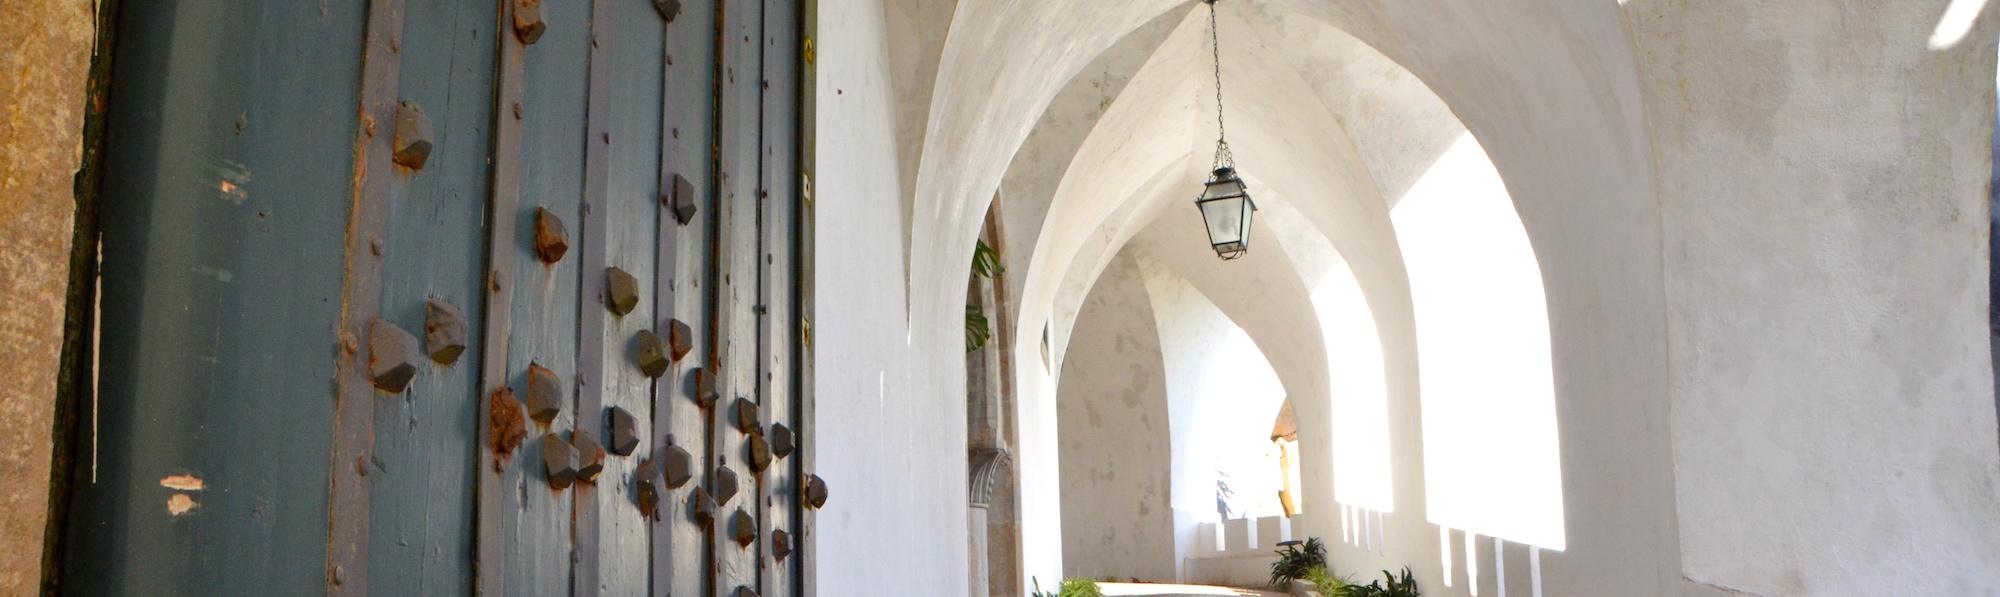 Palacio da Pena Abjao2, Sintra